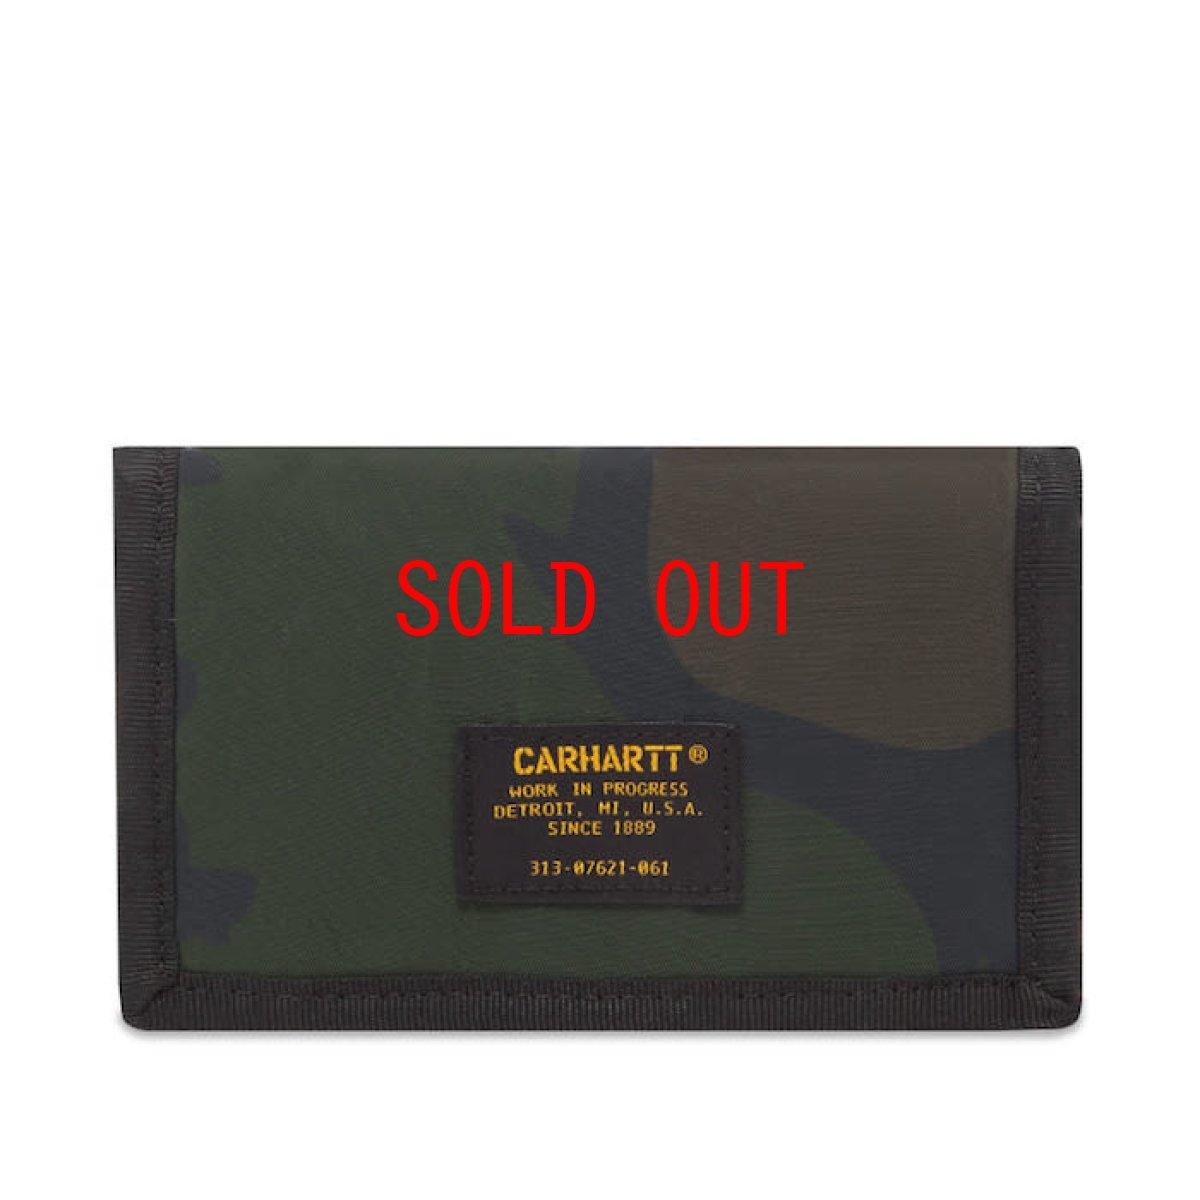 画像1: Carhartt WIP(カーハート ワークインプログレス) Ashtone Wallet Camo Black Woodland Olive Green Orange ブラック カモ 迷彩 折りたたみ 財布 コインポケット カードケース ミリタリーラベル ナイロン 財布 (1)